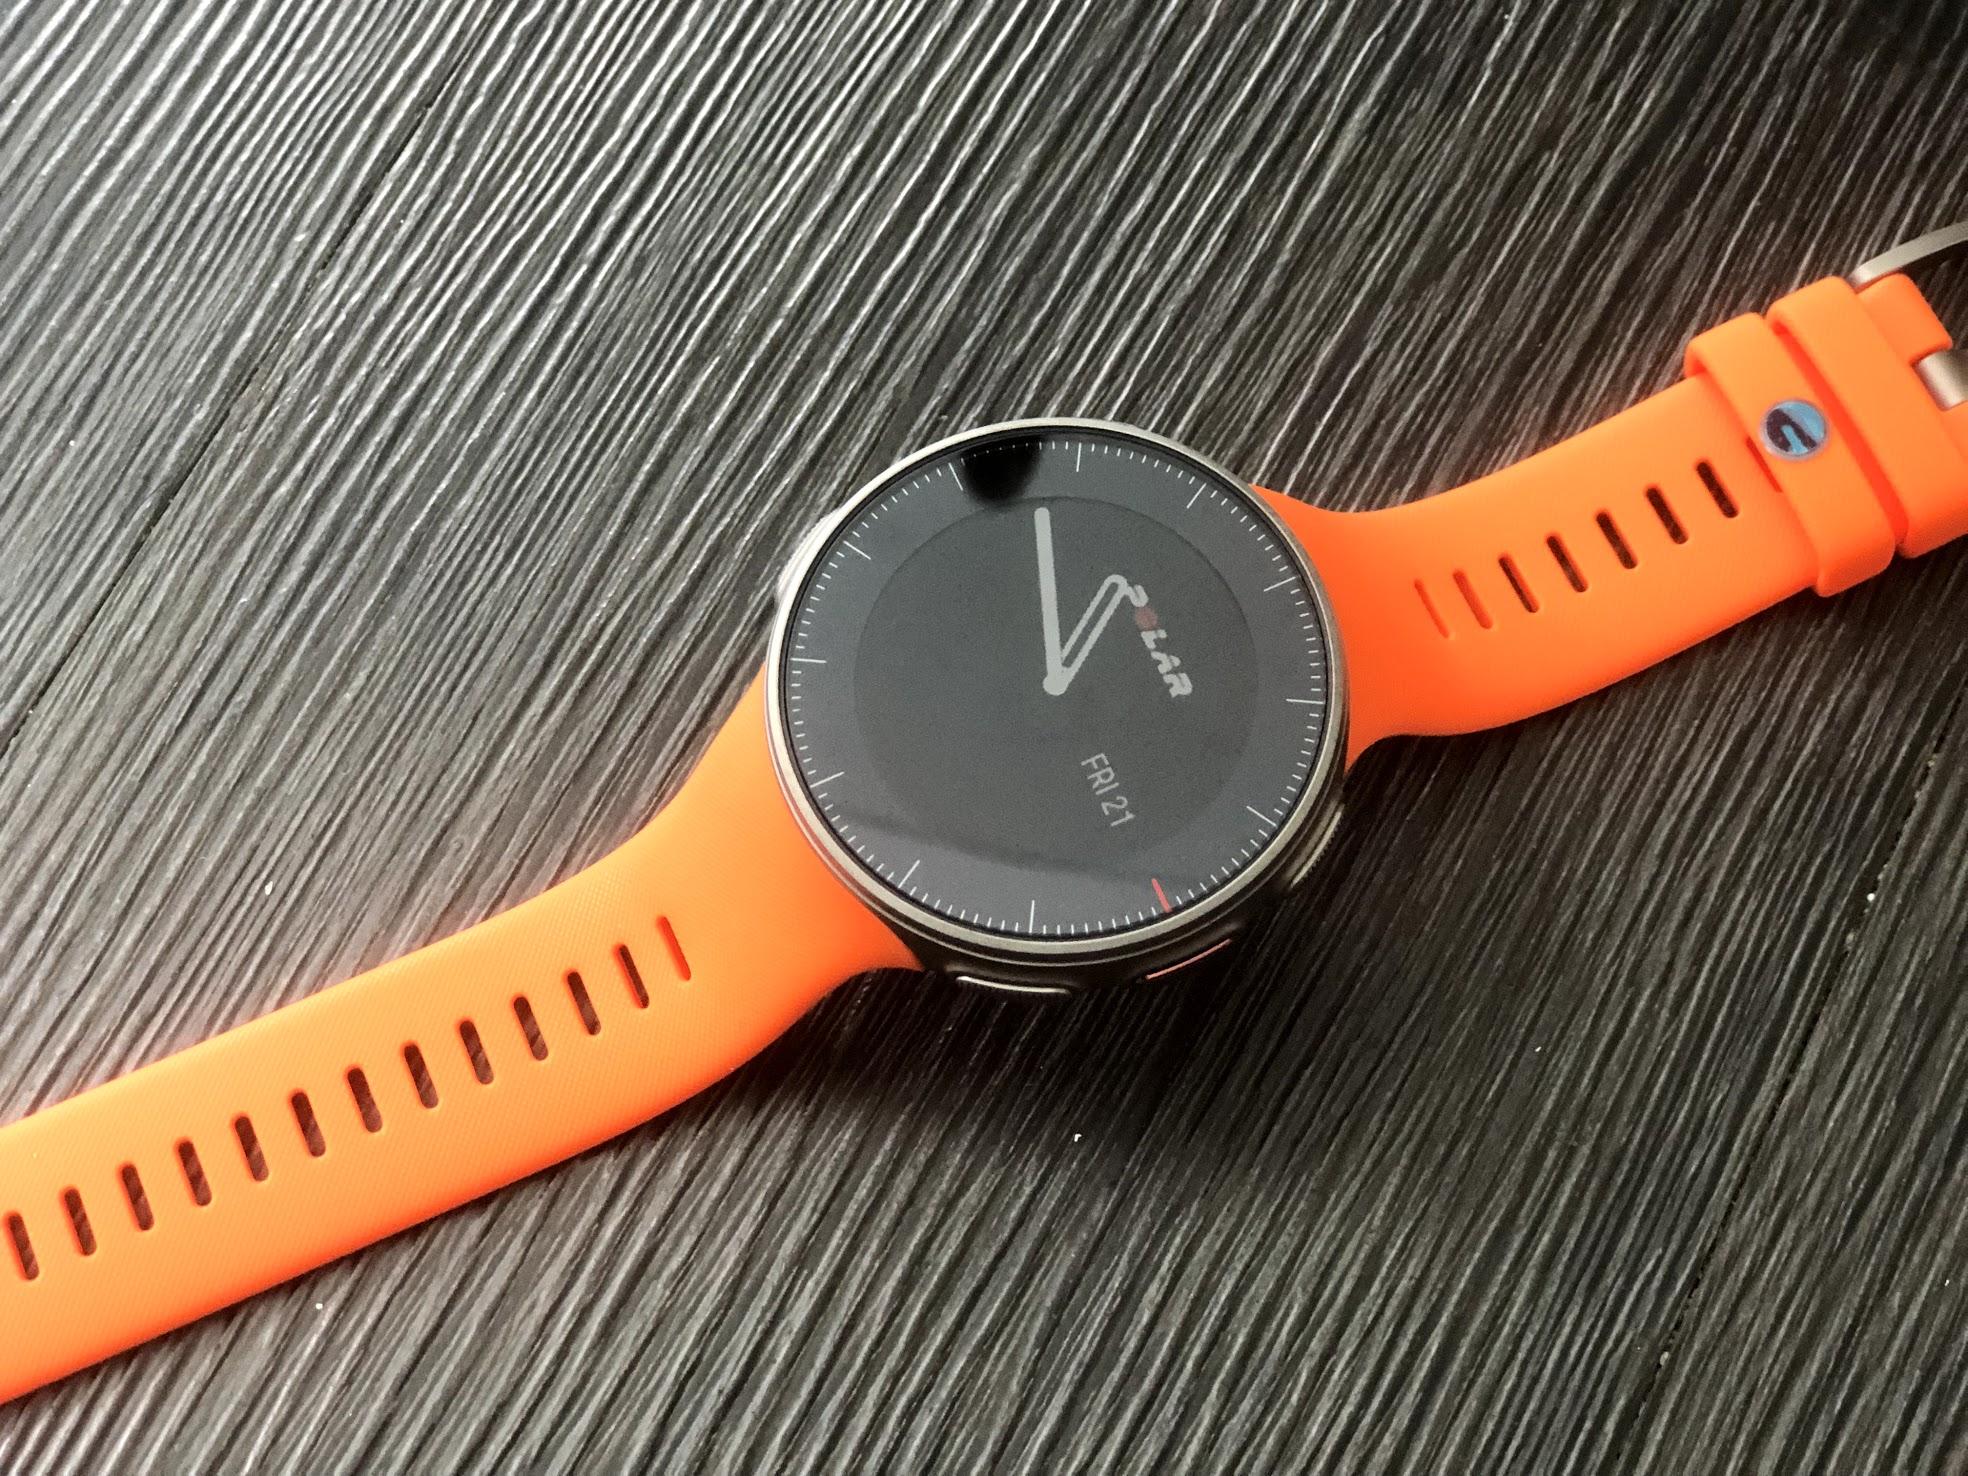 8c6c896ab مراجعة Polar Vantage V: ساعة يد ذكية، للرياضيين المحترفين فقط !